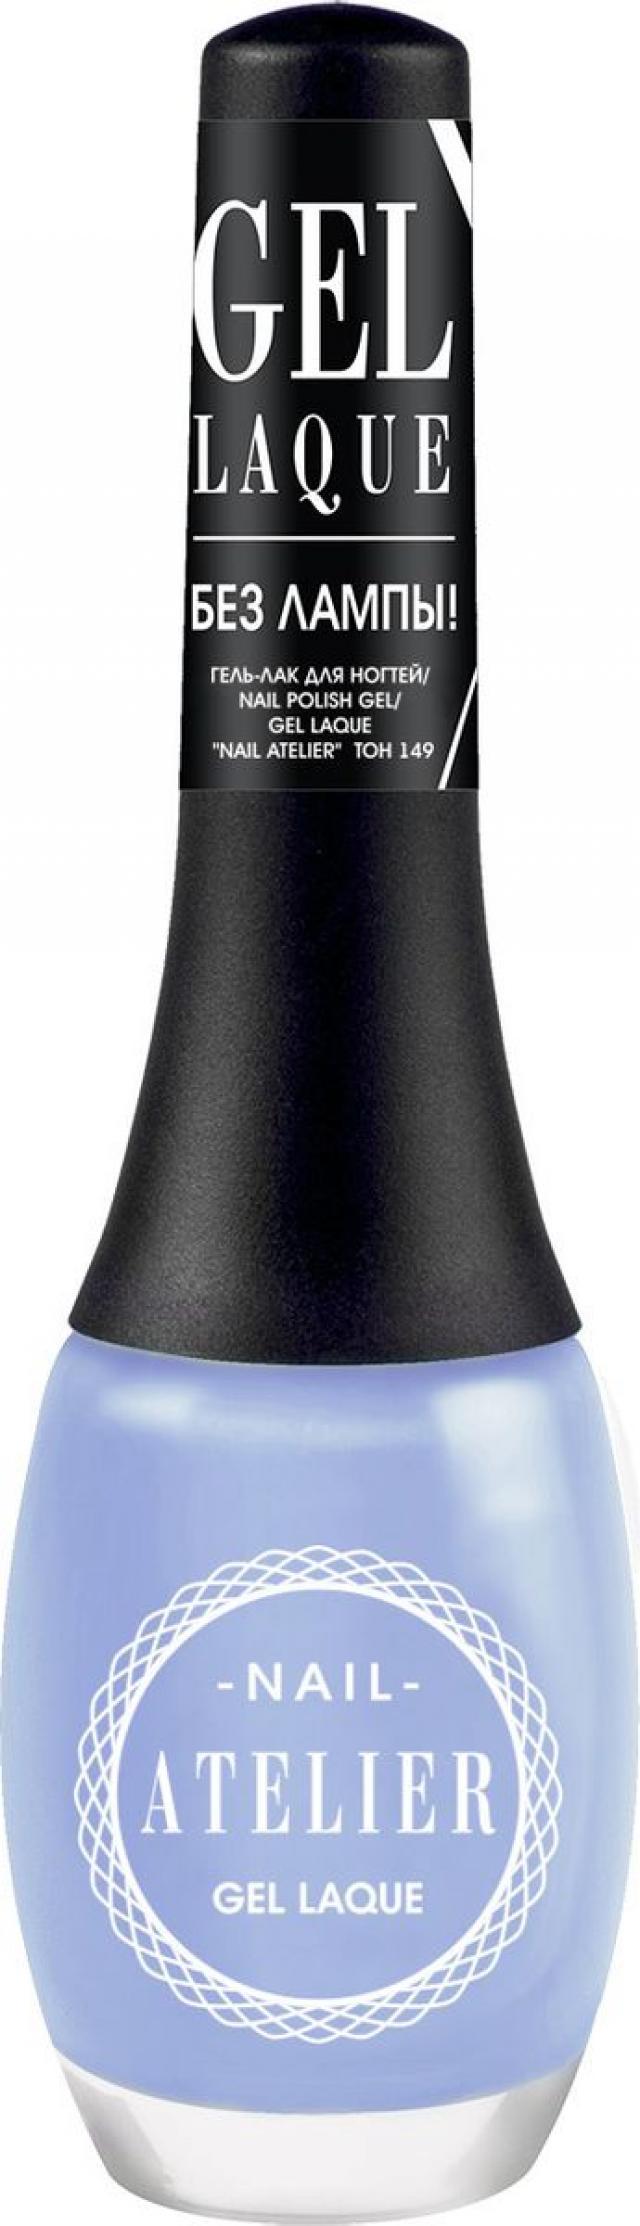 Вивьен Сабо гель-лак для ногтей т.149 купить в Москве по цене от 0 рублей